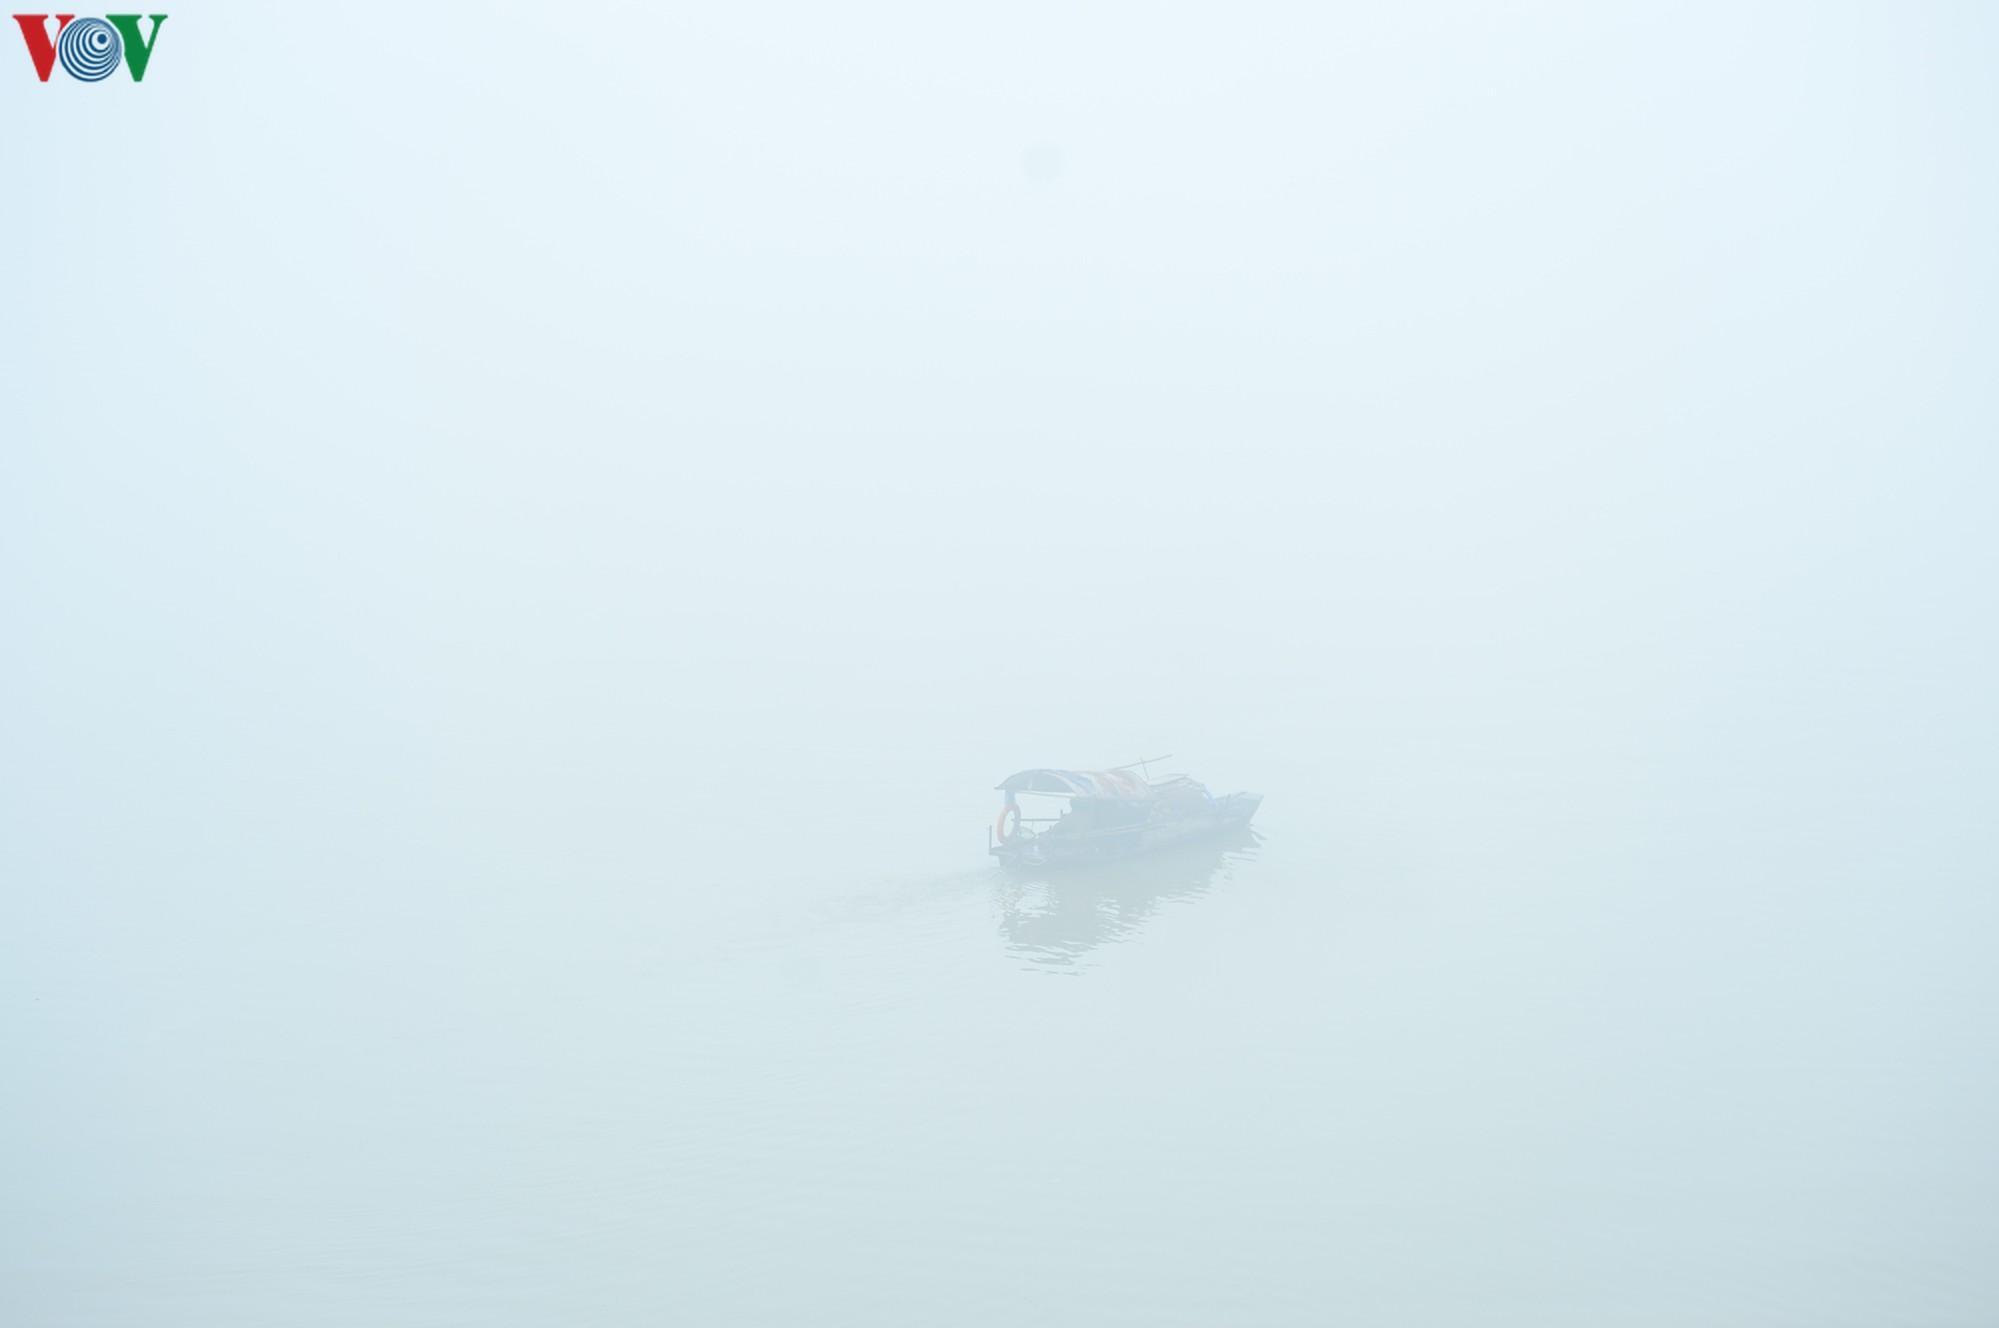 Hà Nội lại chìm trong sương mù dày đặc Ảnh 12